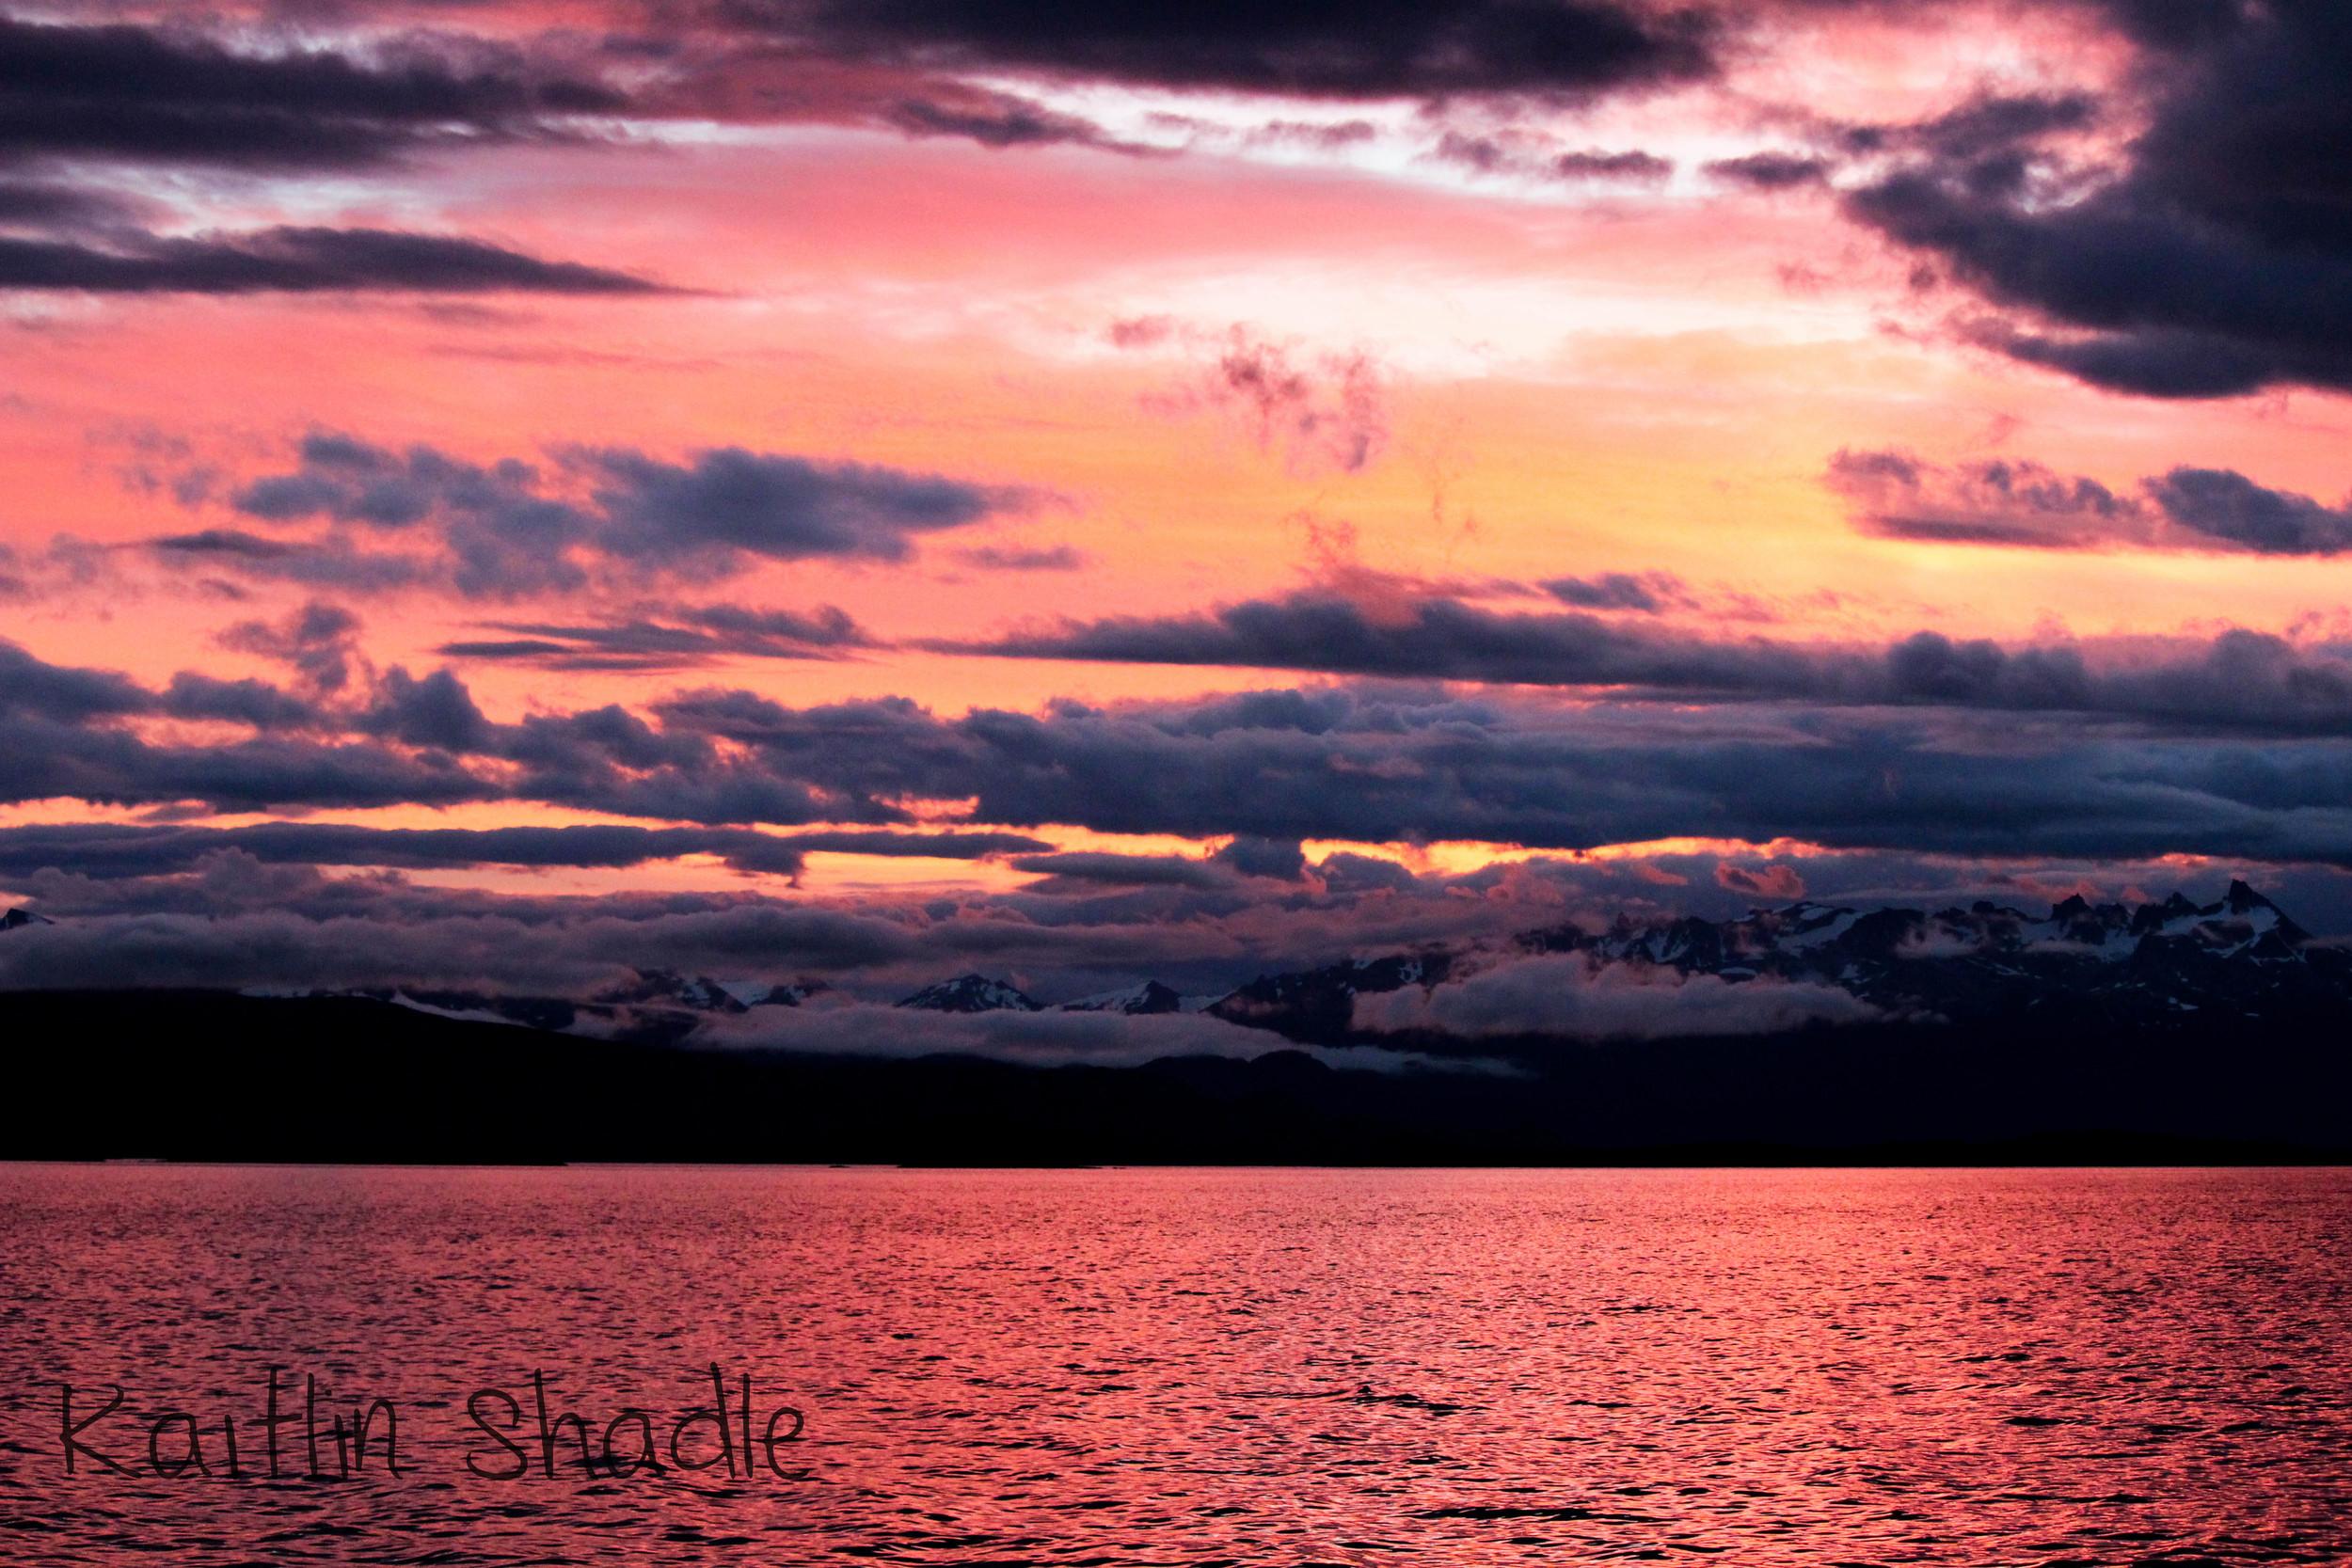 Sunset Bay (Ushuaia)